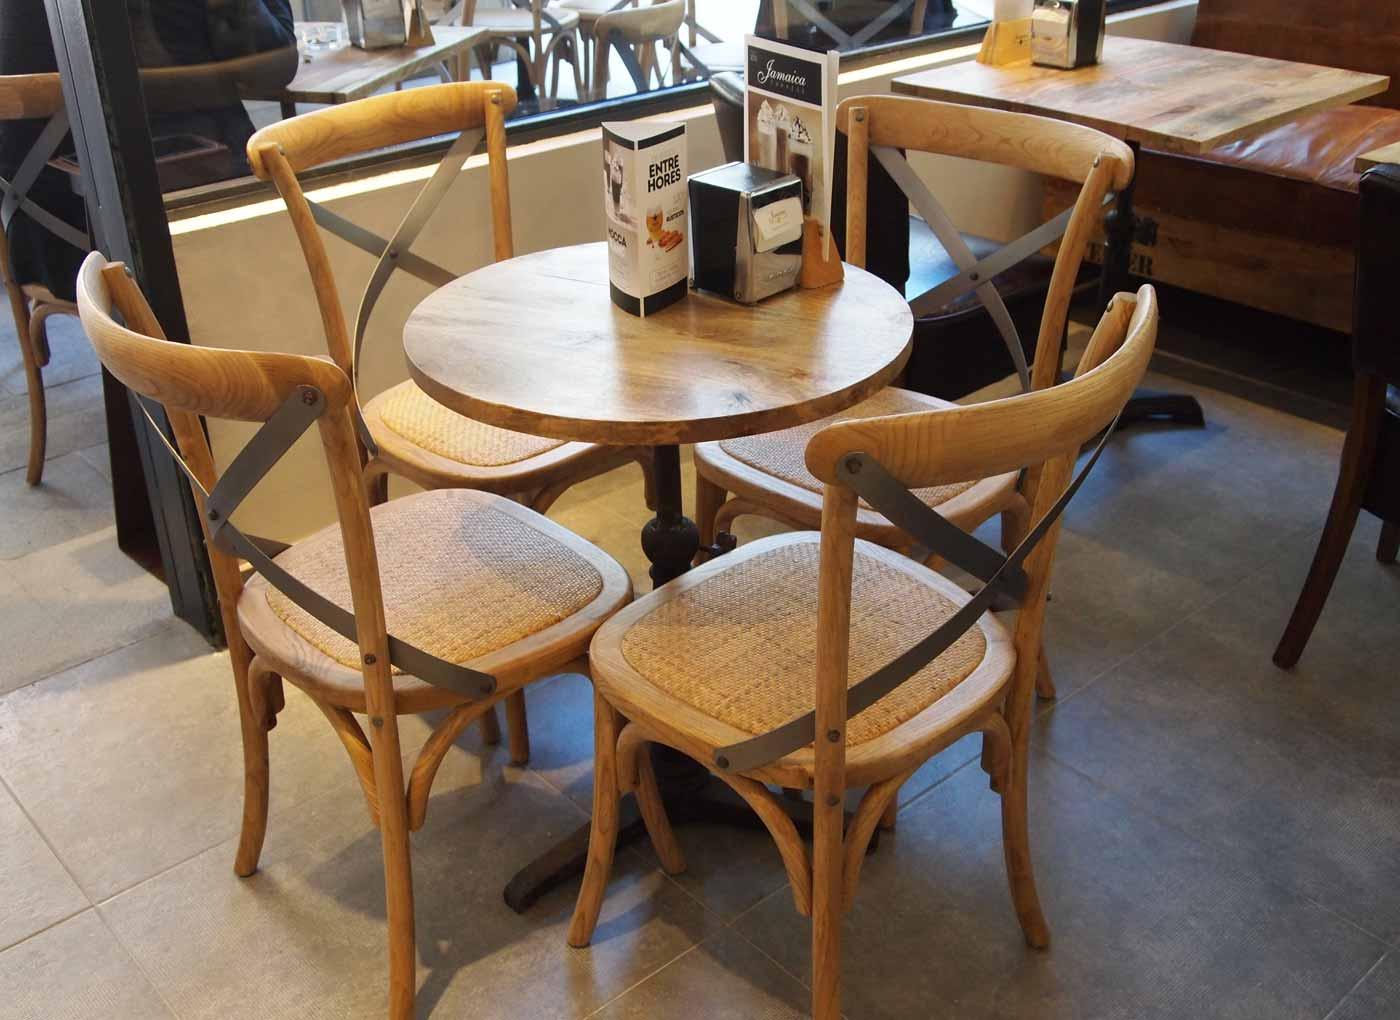 Imágenes de los muebles vintage Francisco Segarra en Jamaica Coffe Shop